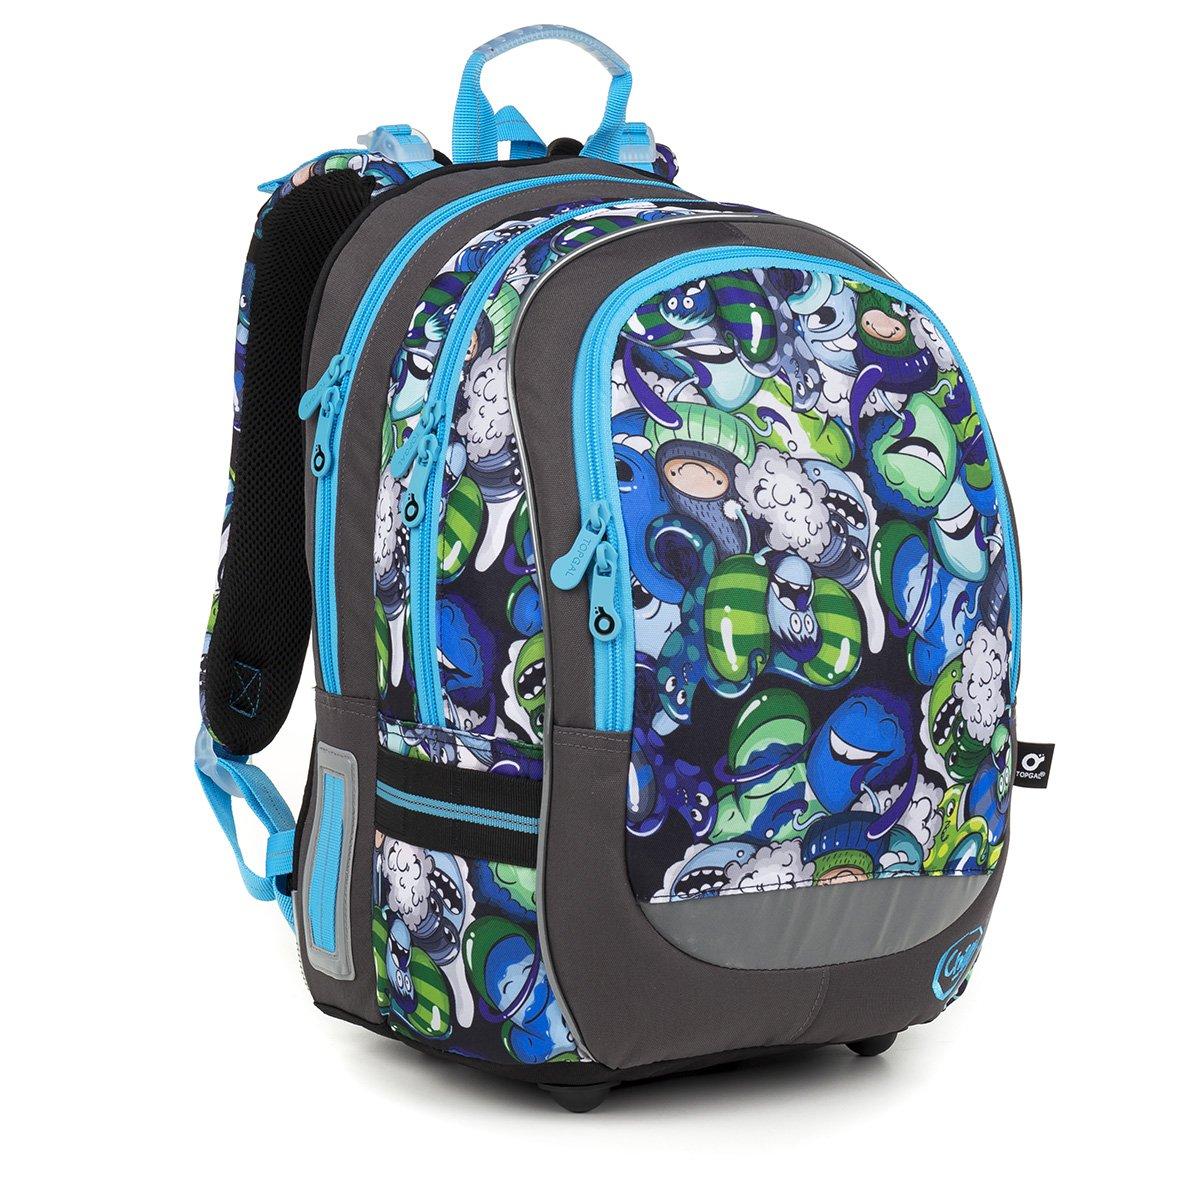 Školní batoh Topgal CODA 18048 B 43a553a1d4